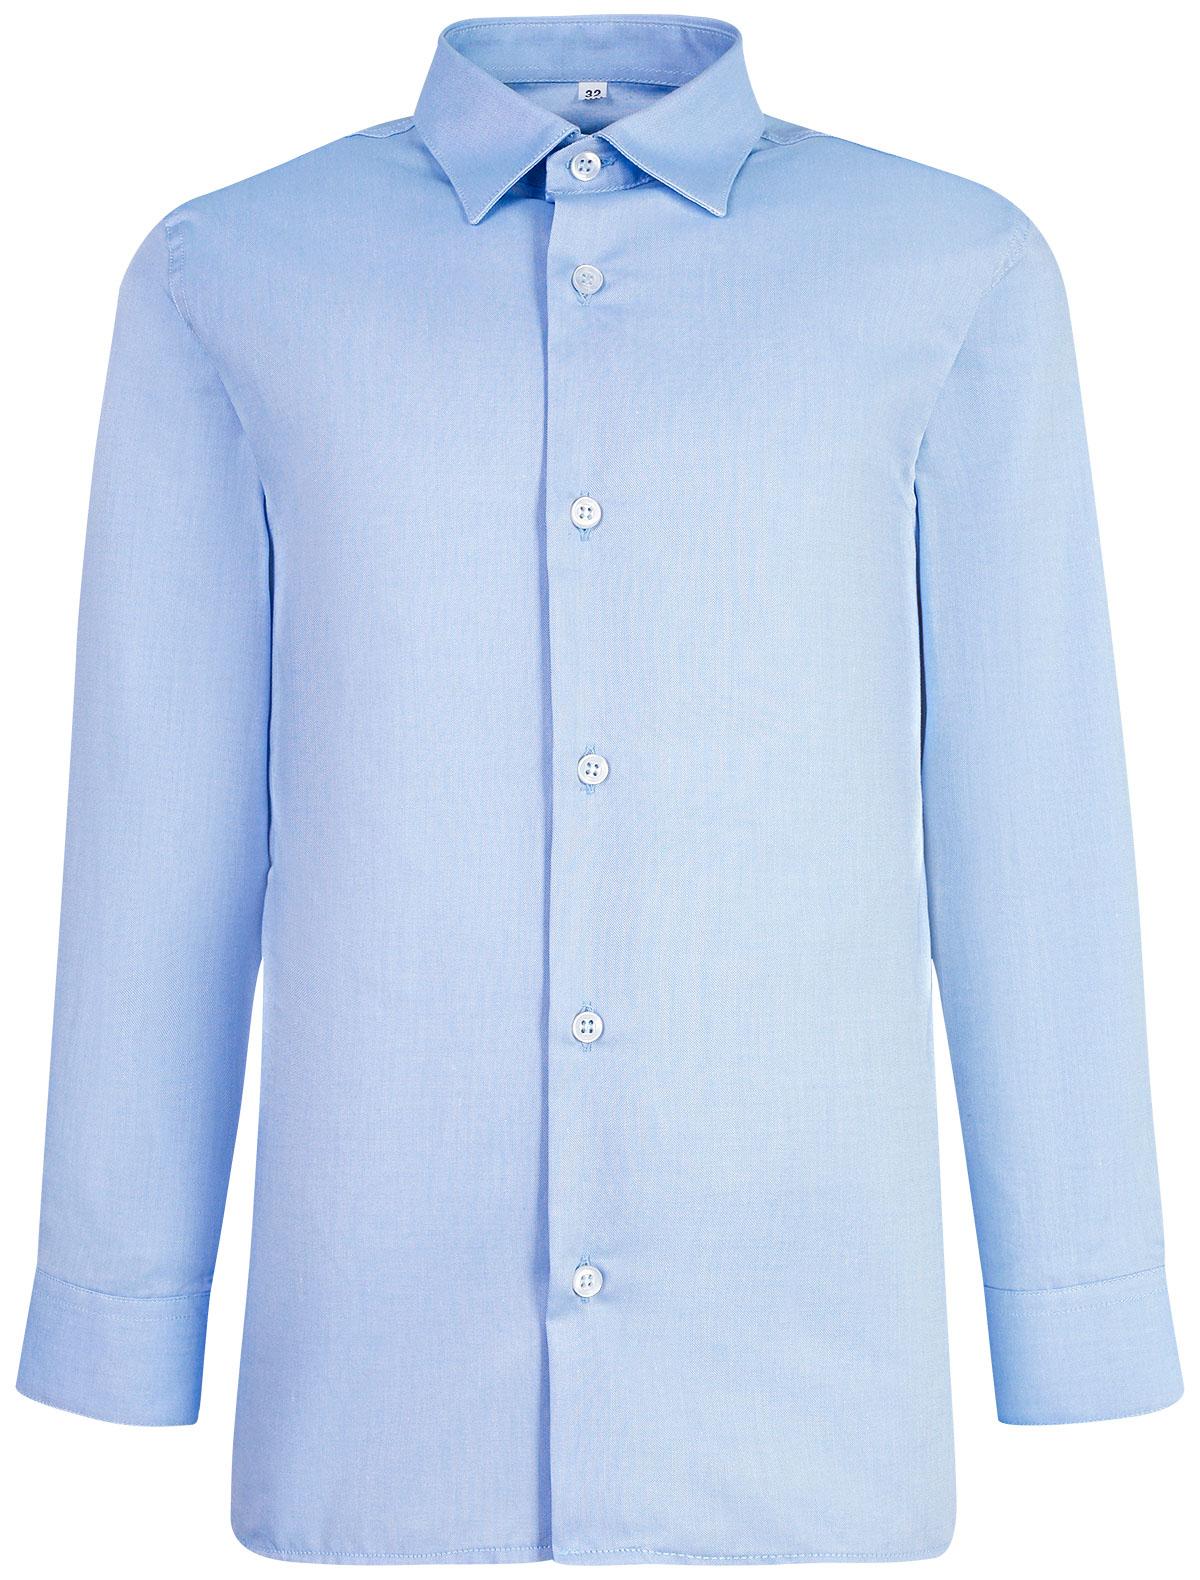 Купить 1864059, Рубашка Malip, голубой, Мужской, 1011519880259